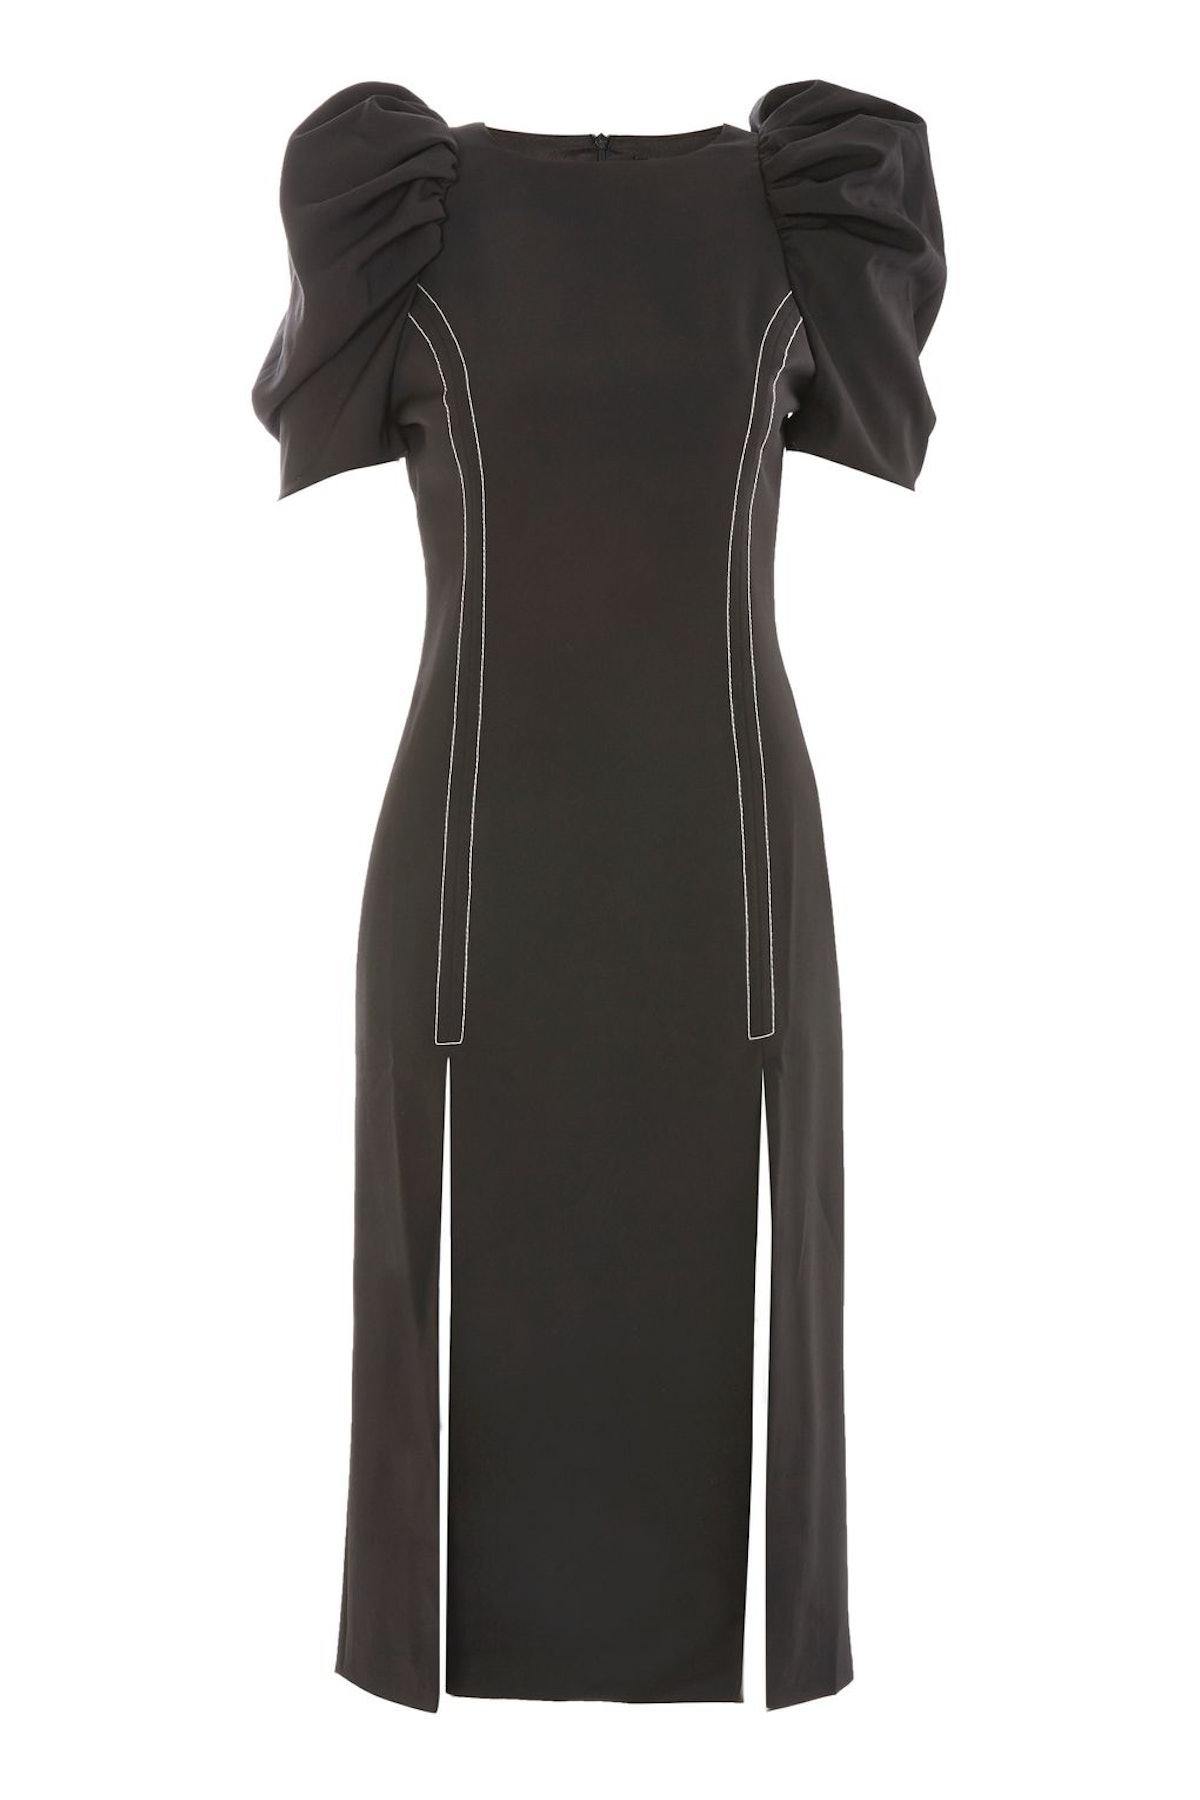 Puff Sleeve Midi Shift Dress by Style Mafia